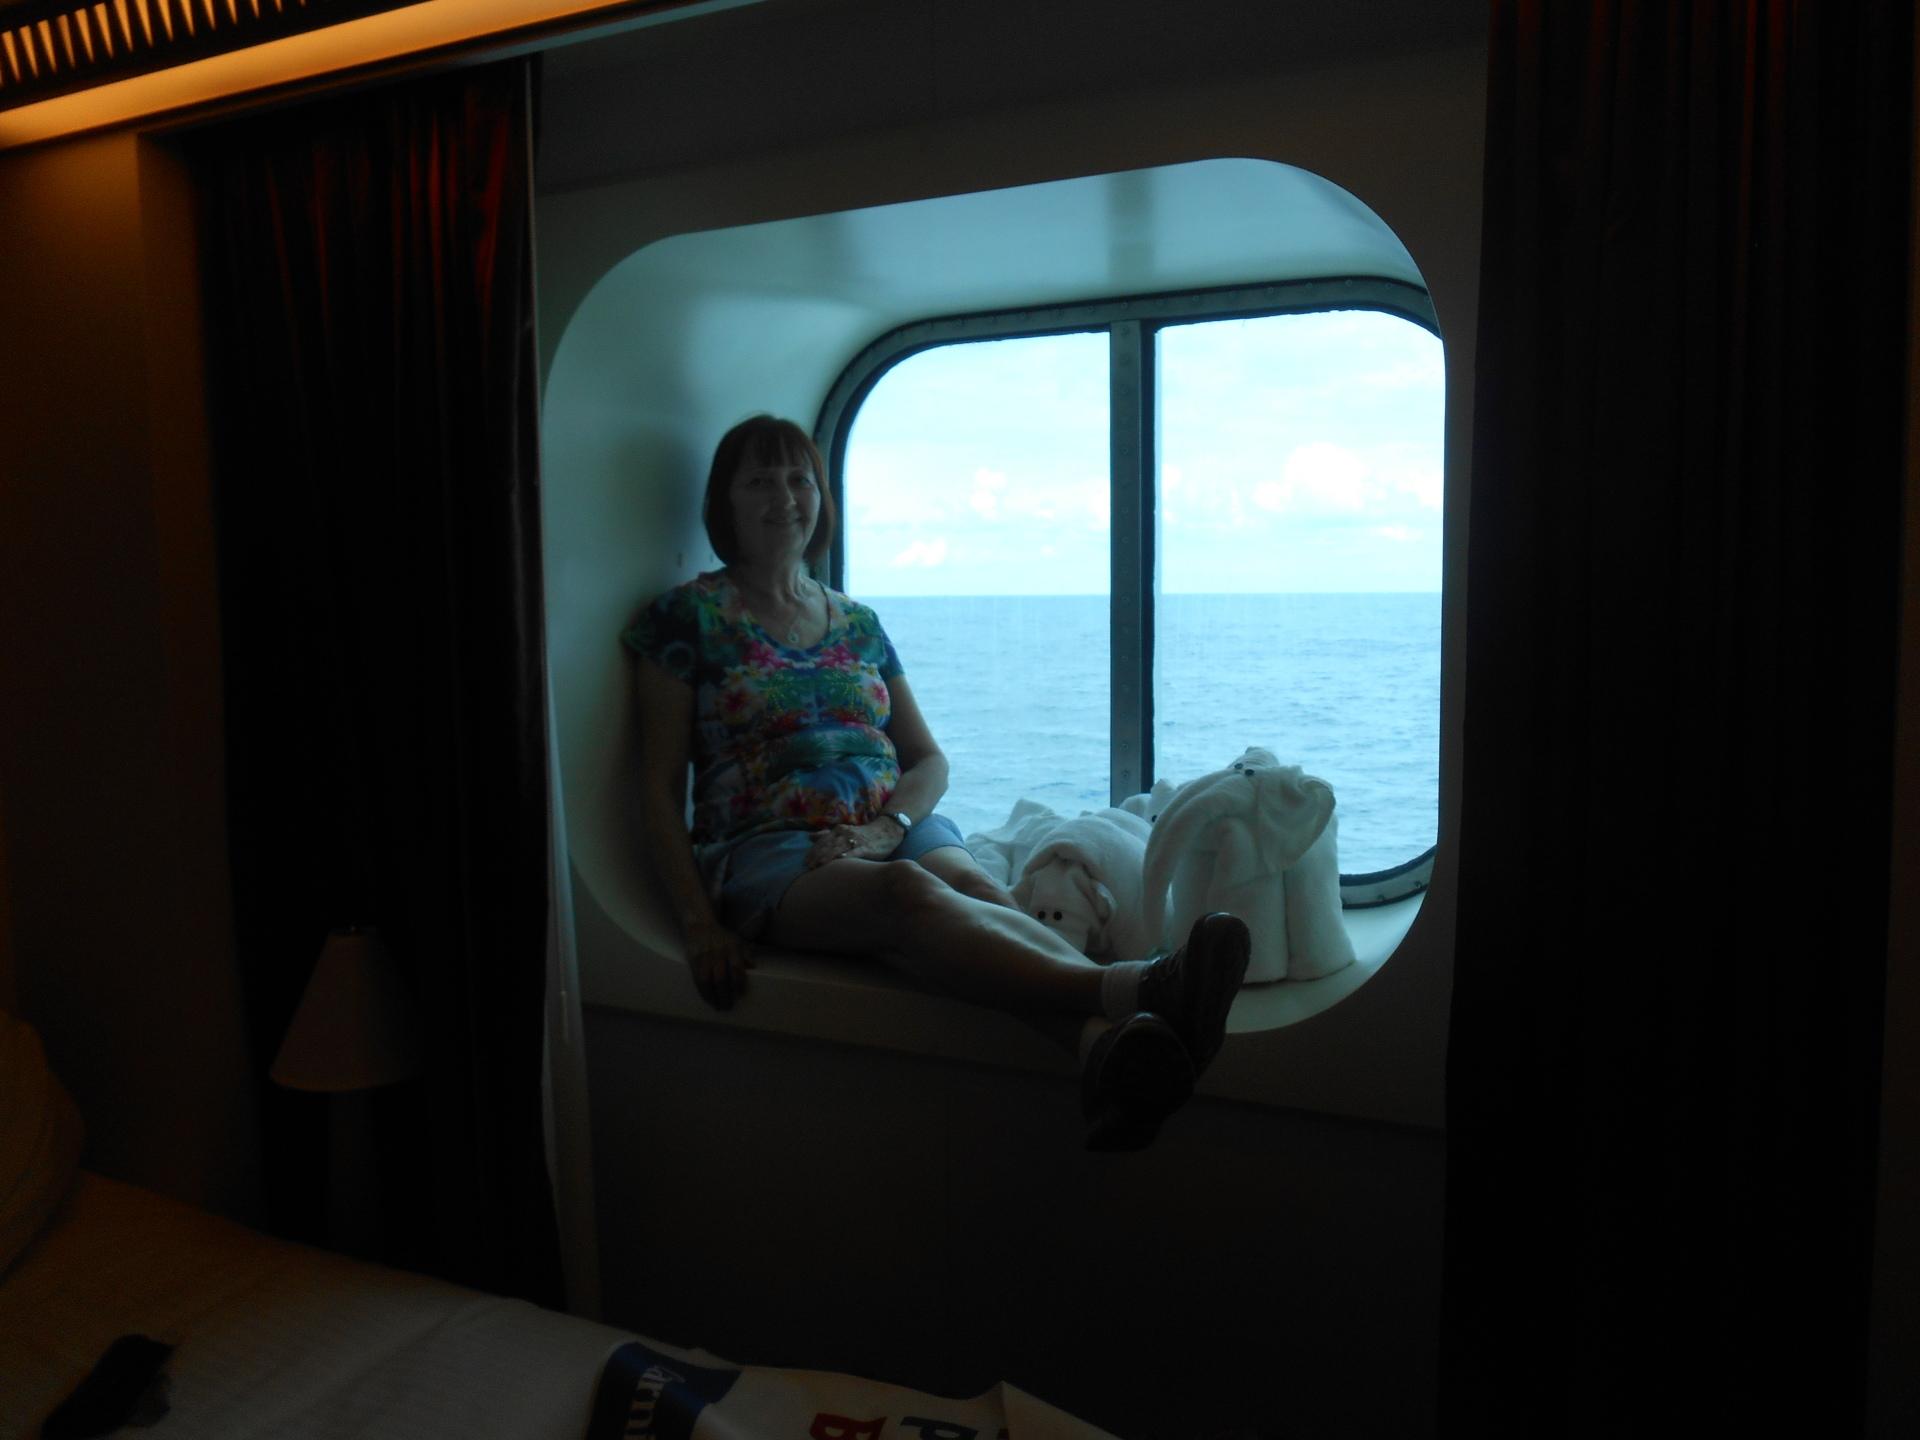 Carnival Magic Deluxe ocean view